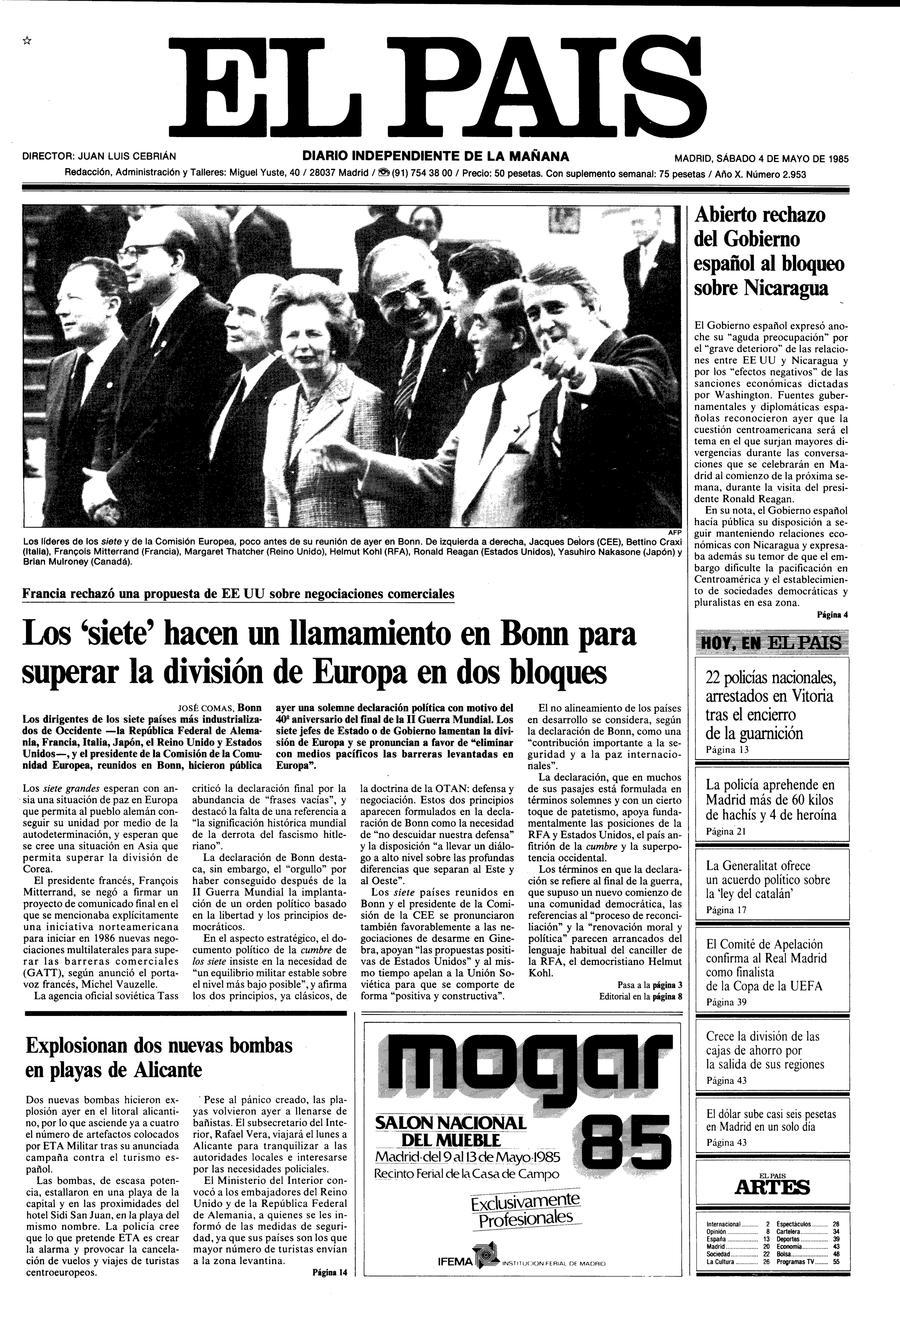 4 de Mayo de 1985